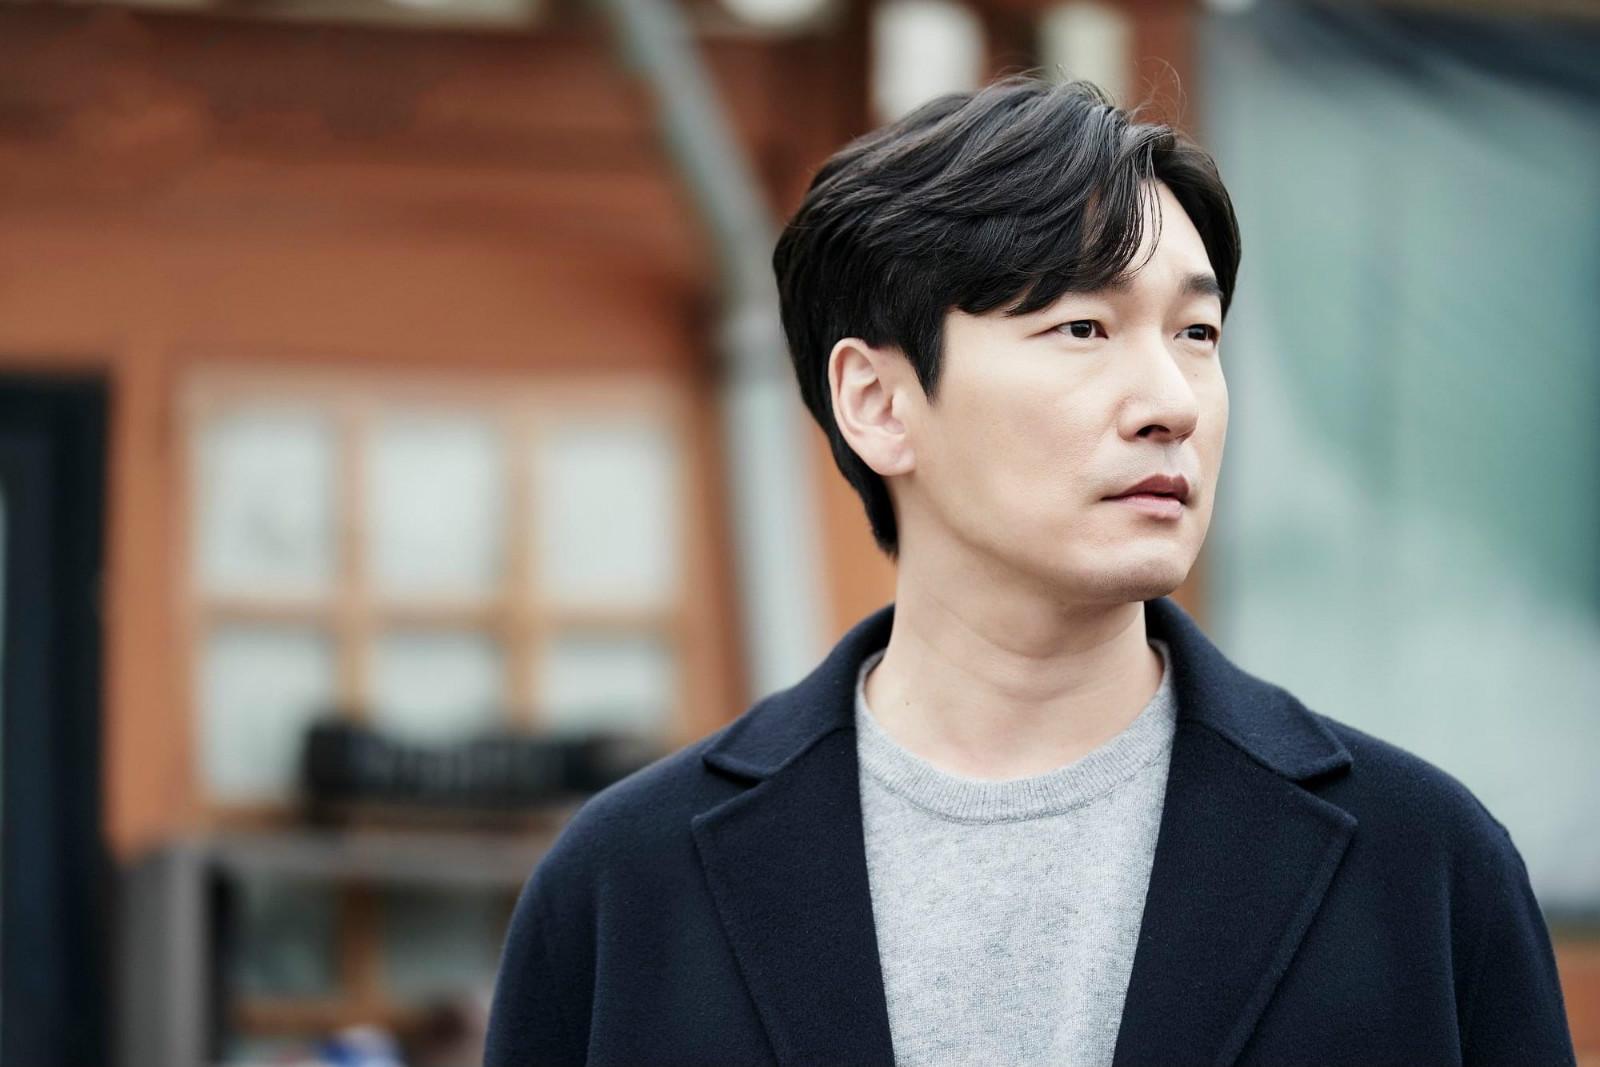 《秘密森林2》首播,曹承佑裴斗娜再合作,悬疑跌宕首集9.4分